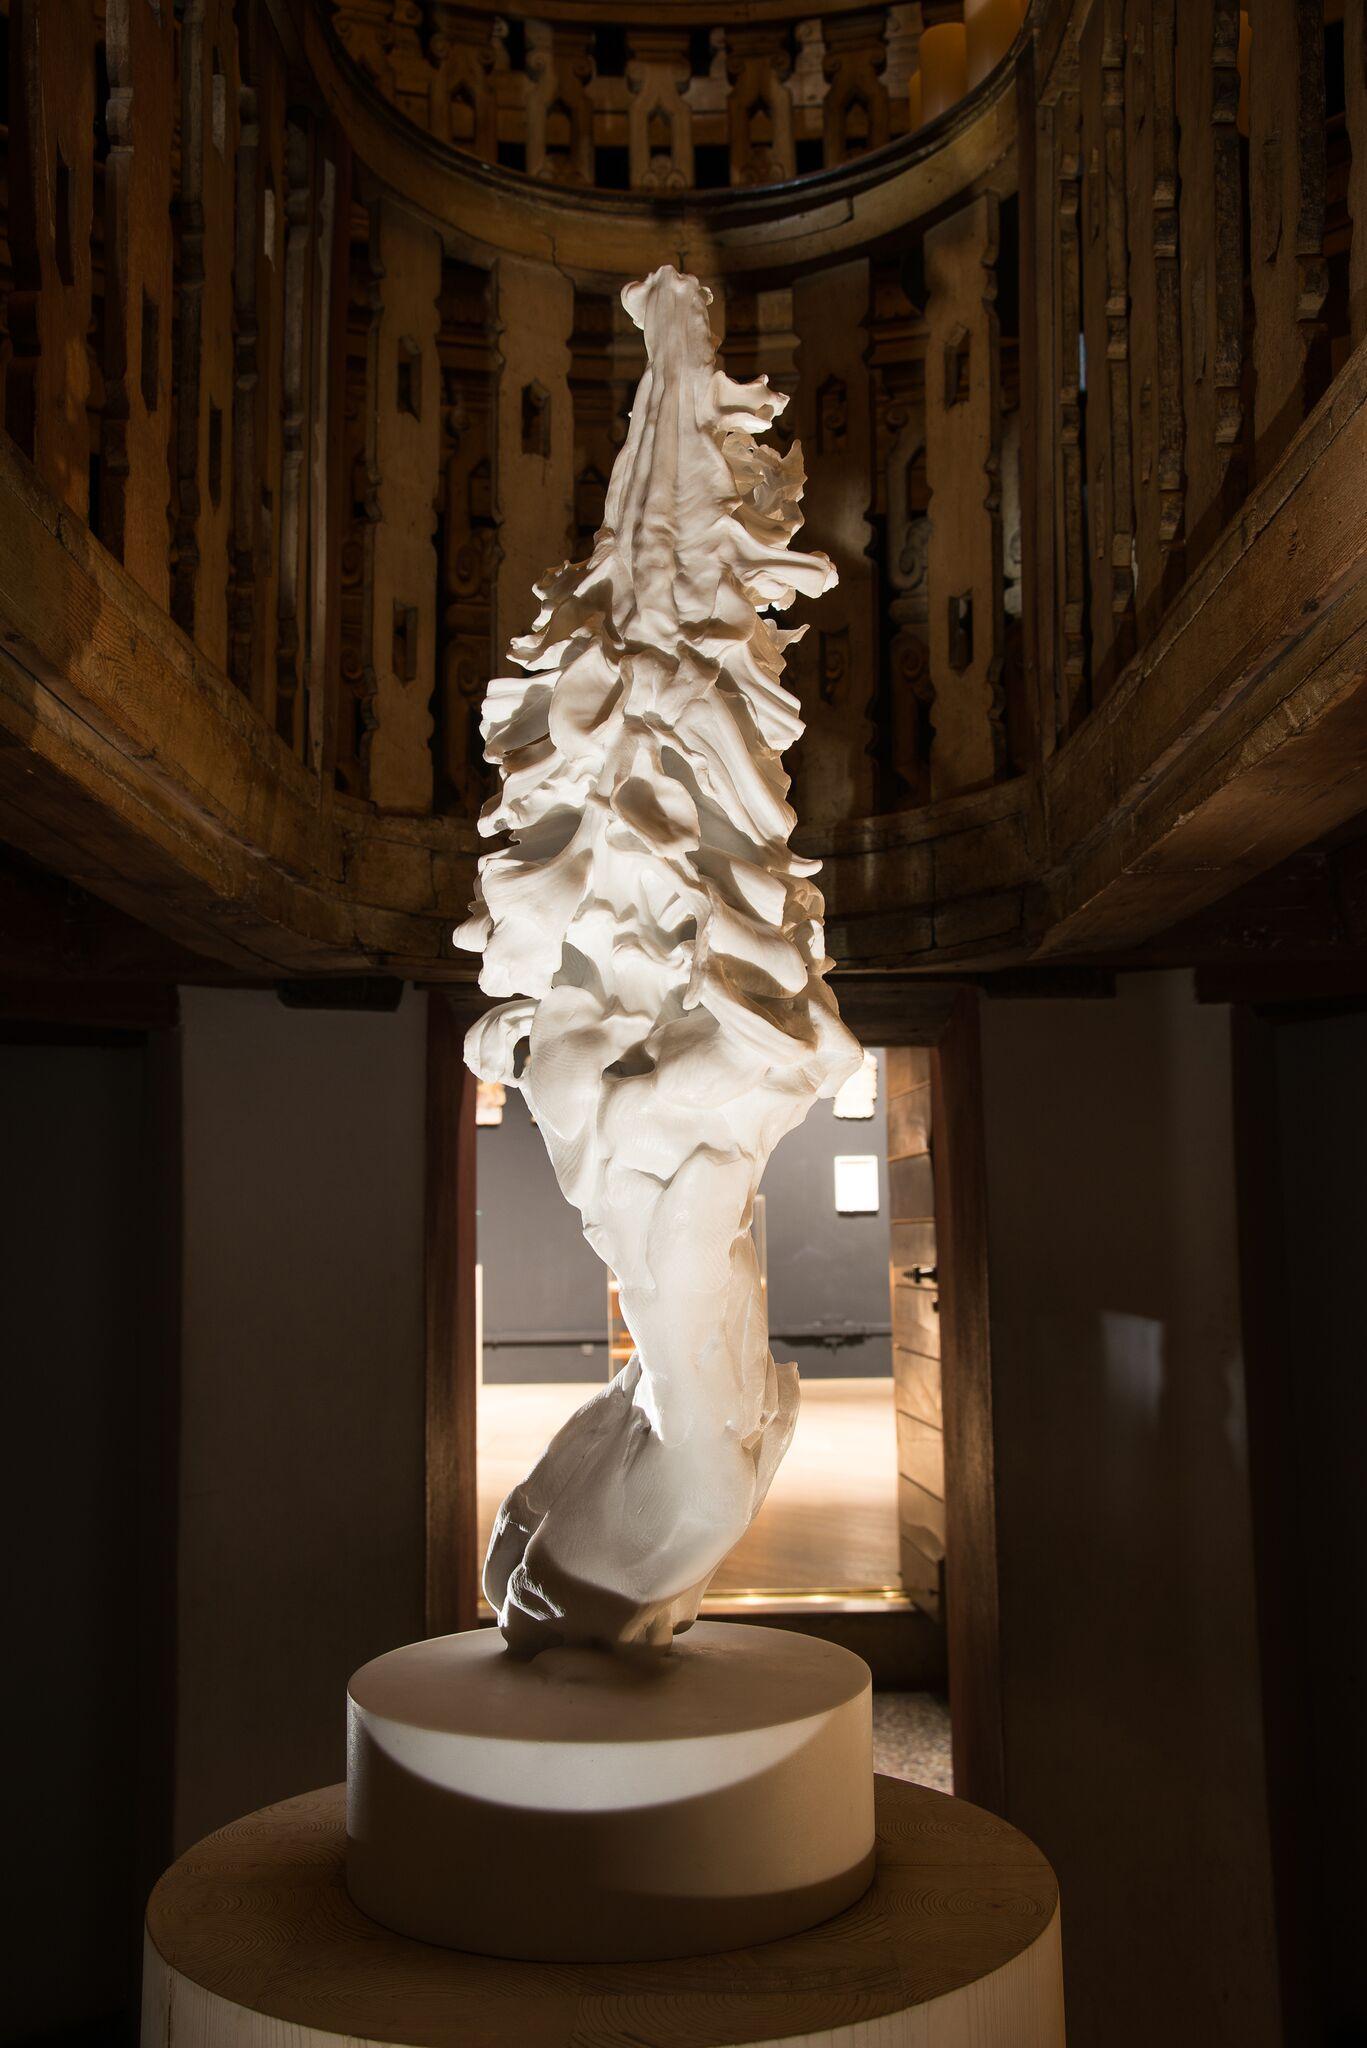 Nicola Samorì, Lucy, 2016, Marmo bianco puro di Carrara, frammento lunare, cm 90 x 35 x 30. Veduta dell'installazione a Palazzo Bo, Padova. Foto: Rolando Paolo Guerzoni